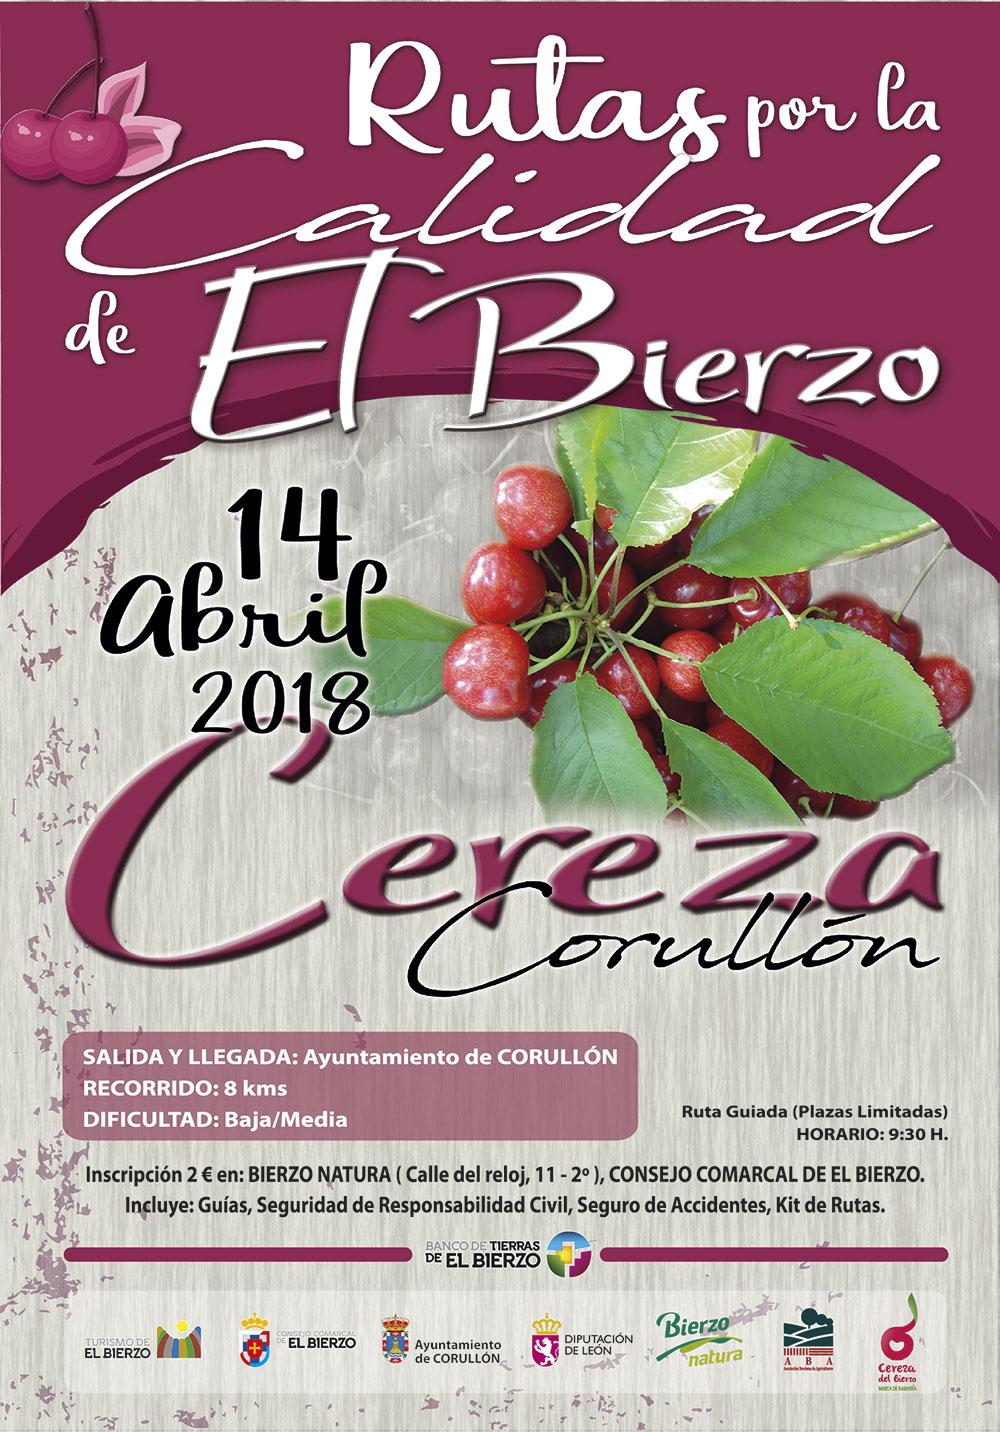 Las rutas de la calidad del Bierzo comienzan con un paseo por los Cerezos en flor 2